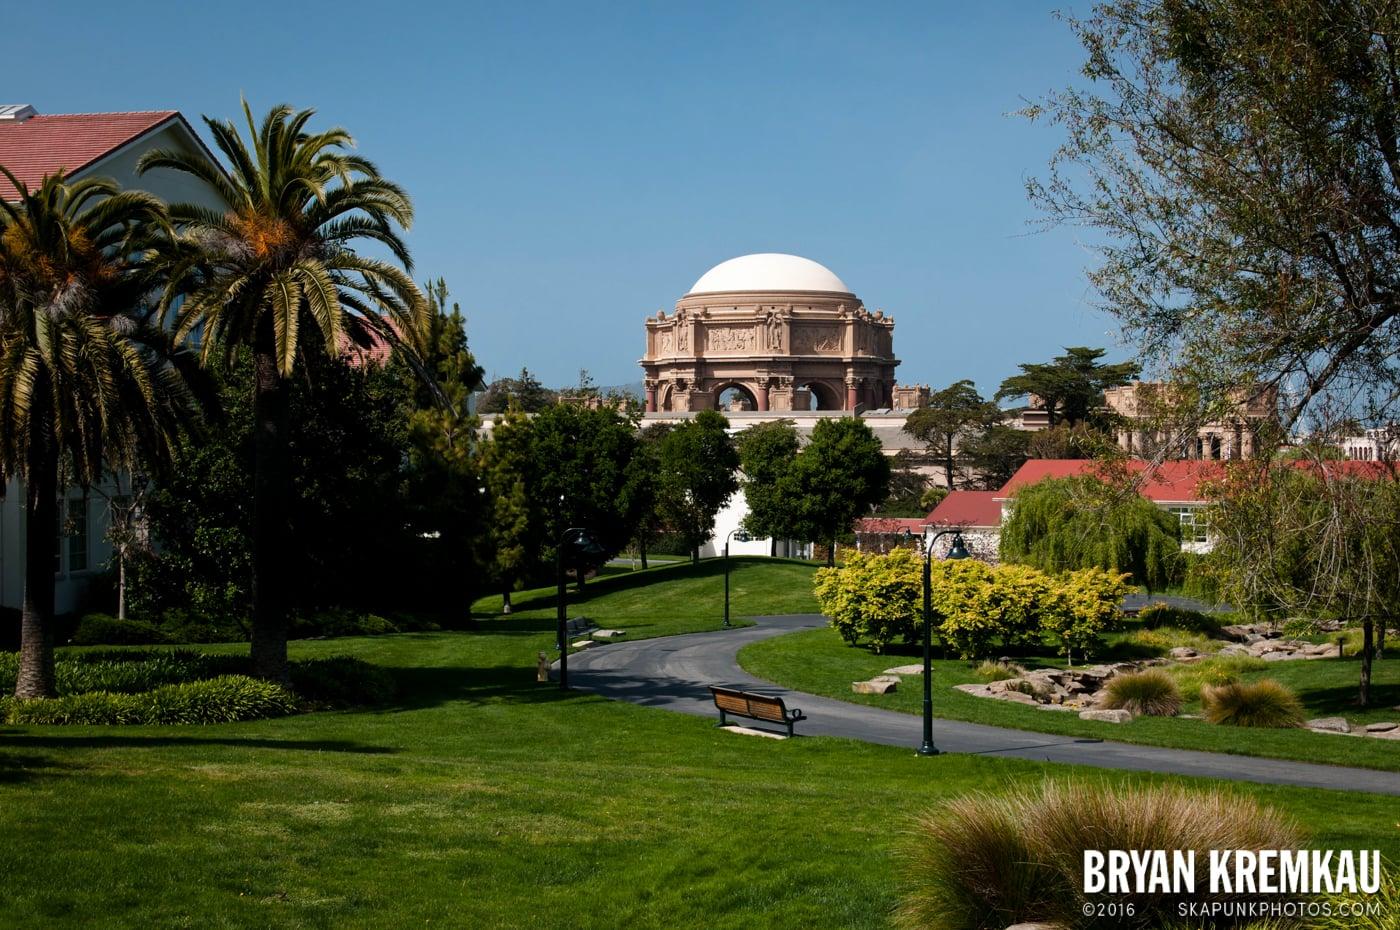 San Francisco Vacation - Day 2 - 4.29.12 (7)